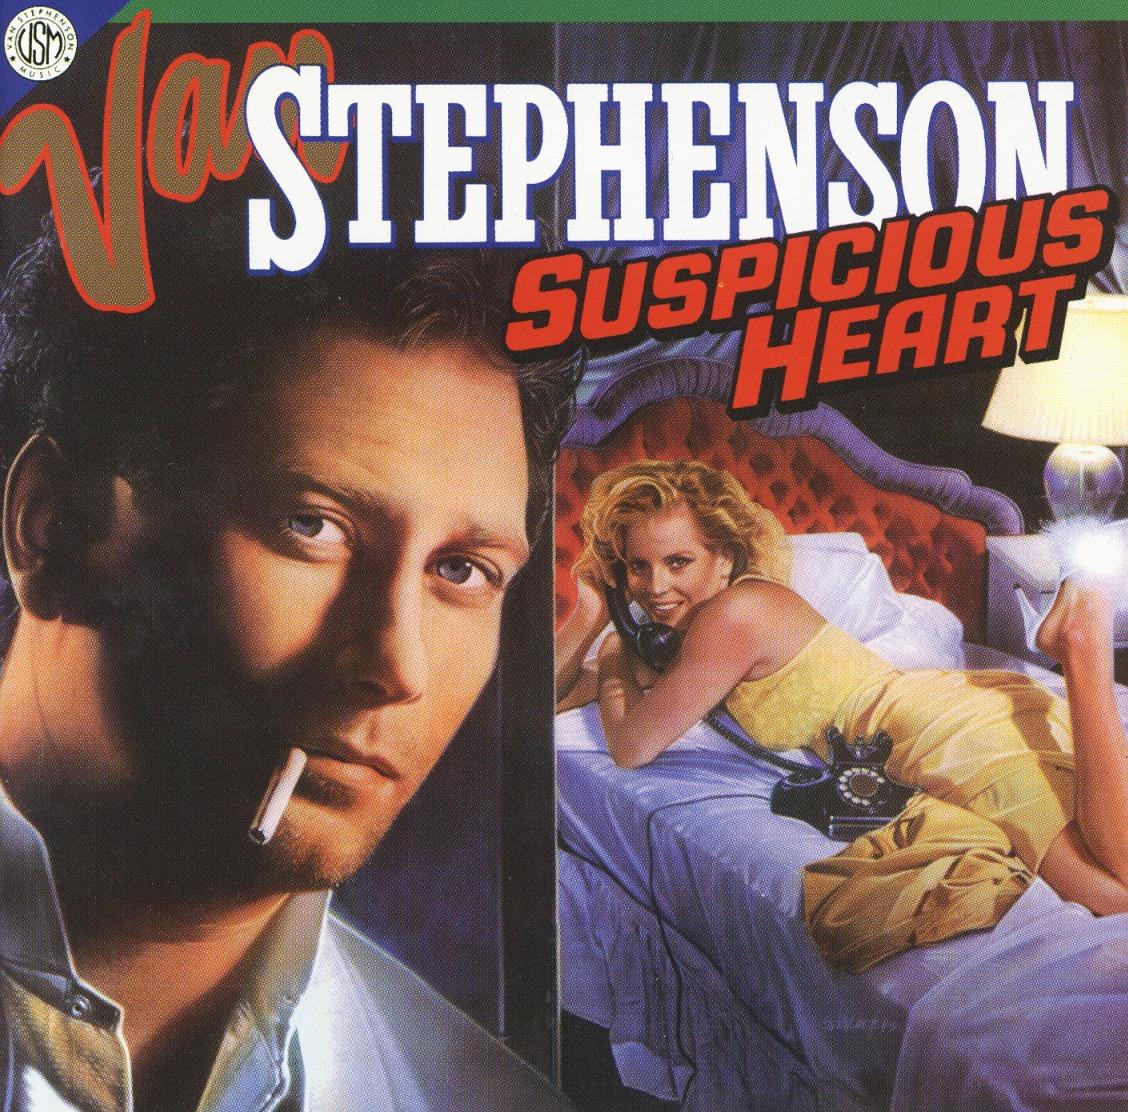 VAN STEPHENSON (US) / Suspicious Heart